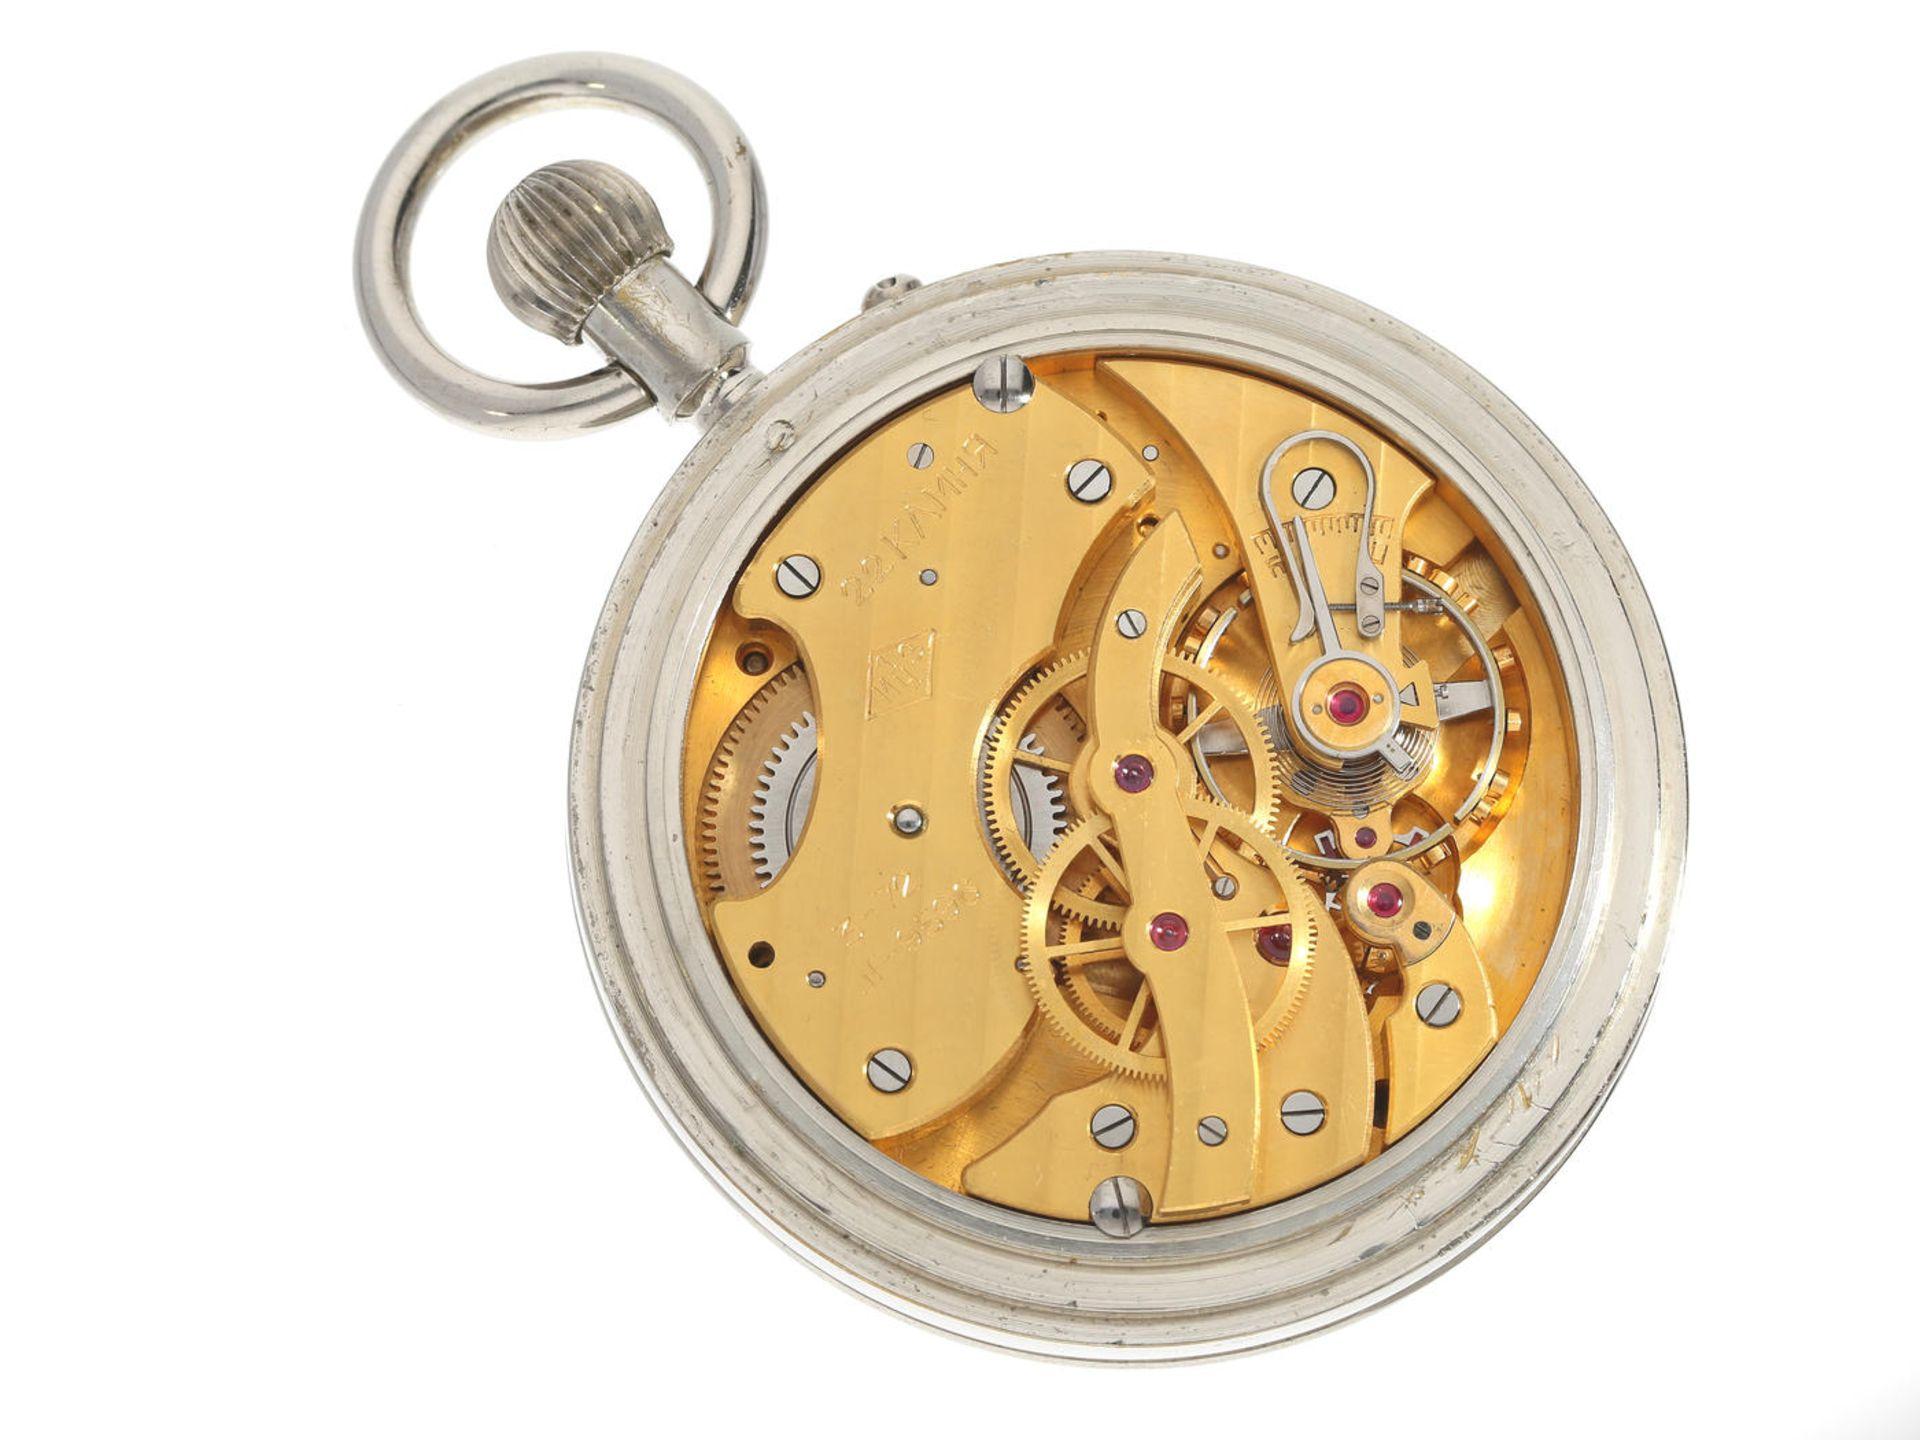 Taschenuhr/Beobachtungsuhr: russisches Beobachtungschronometer in sehr gutem Zustand, 1. Moskauer - Bild 2 aus 3